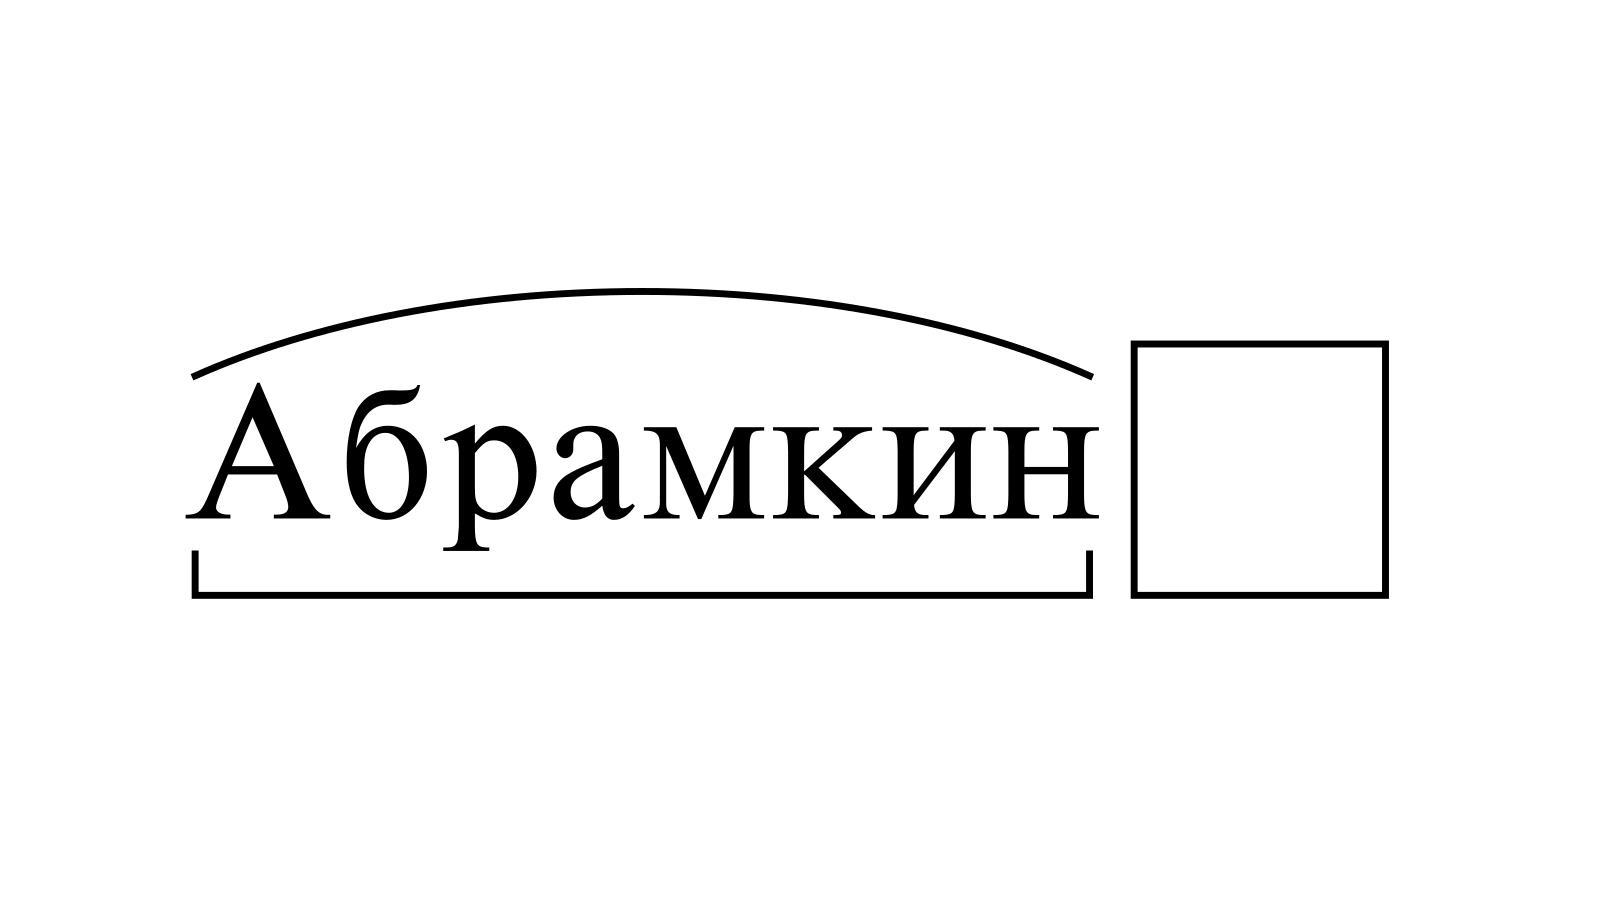 Разбор слова «Абрамкин» по составу